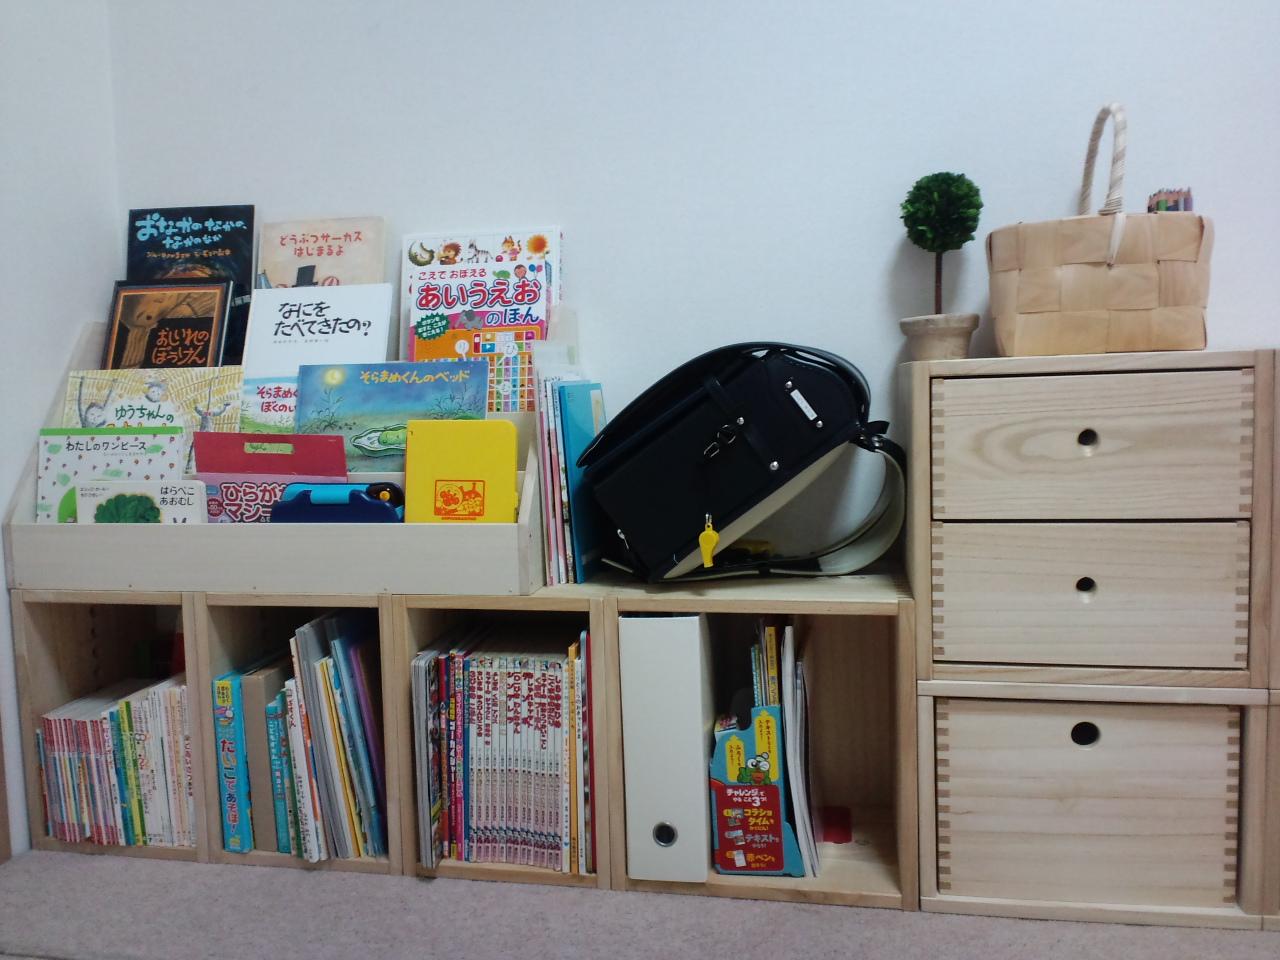 【子供達の棚に。】 追加購入です。 MBOXは 横にすると小さめの本やフリーBOX 縦にすると A4サイズまで収納できるので 組み換えがきいて 便利です。 今の組み合わせに飽きたら 少しアレンジしてみたいとおもいます。 お値段が少し張るので ☆4つです。【子供部屋 無垢 木製 収納 ラック キューブ カラーボックス 本棚 絵本 おもちゃ 収納 図鑑 大型本】